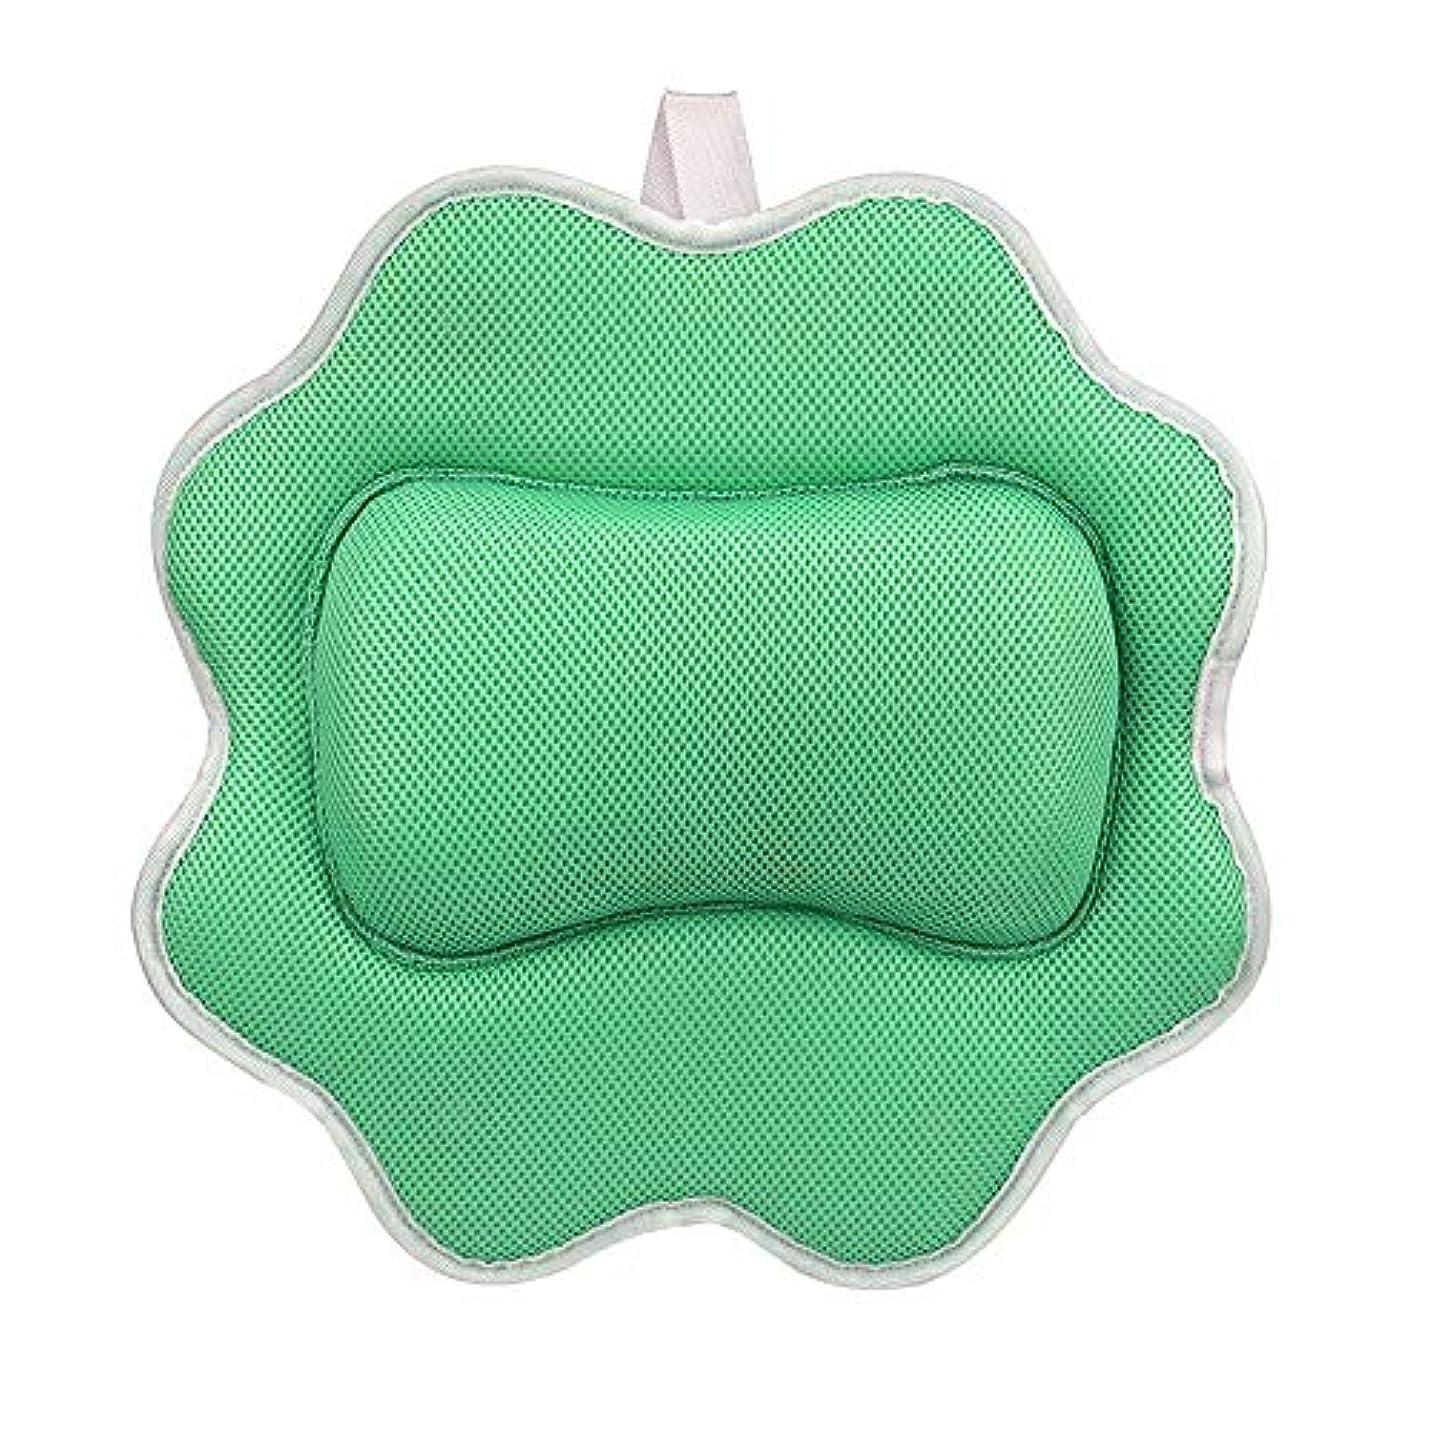 大佐アシュリータファーマンしなければならないサンフラワーバスピロースパマッサージ枕用アップグレード5 dエアーメッシュ技術あなたの肌と首を保護、洗濯機で洗えます